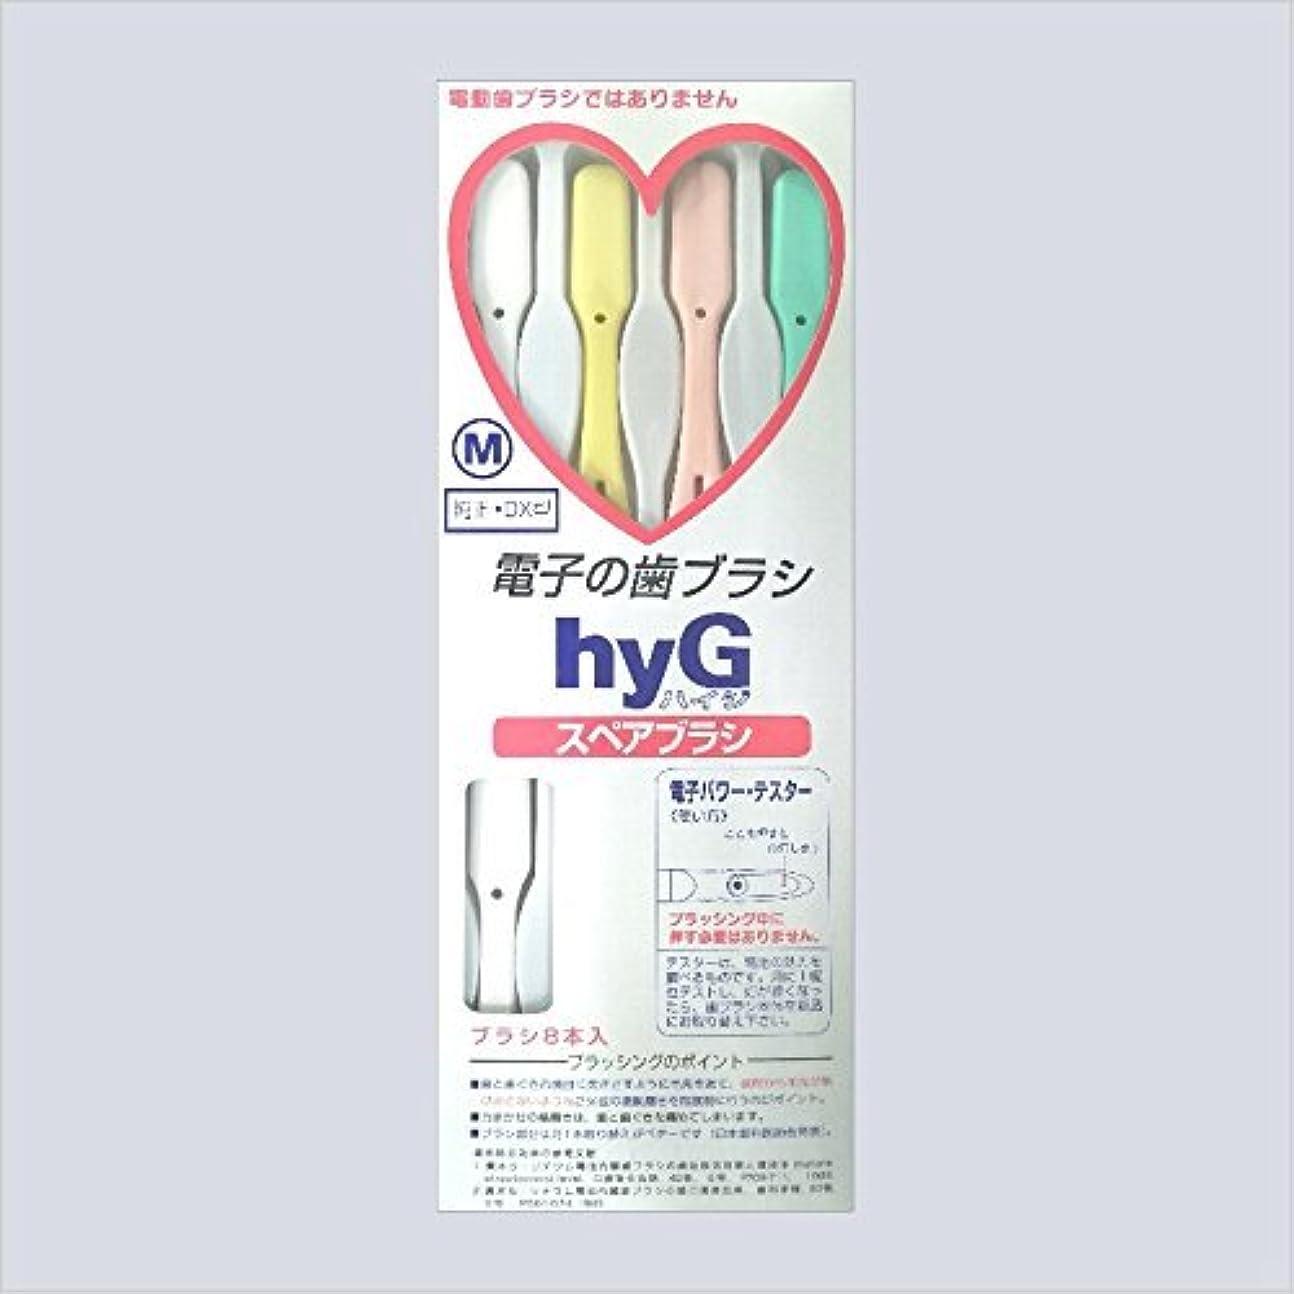 あいさつ娘マイル電子の歯ブラシ ハイジ(hyG)?スペアブラシ <ブラシの硬さ:Mふつう> (※こちらは「スペアブラシ」です )?hyG-DX型